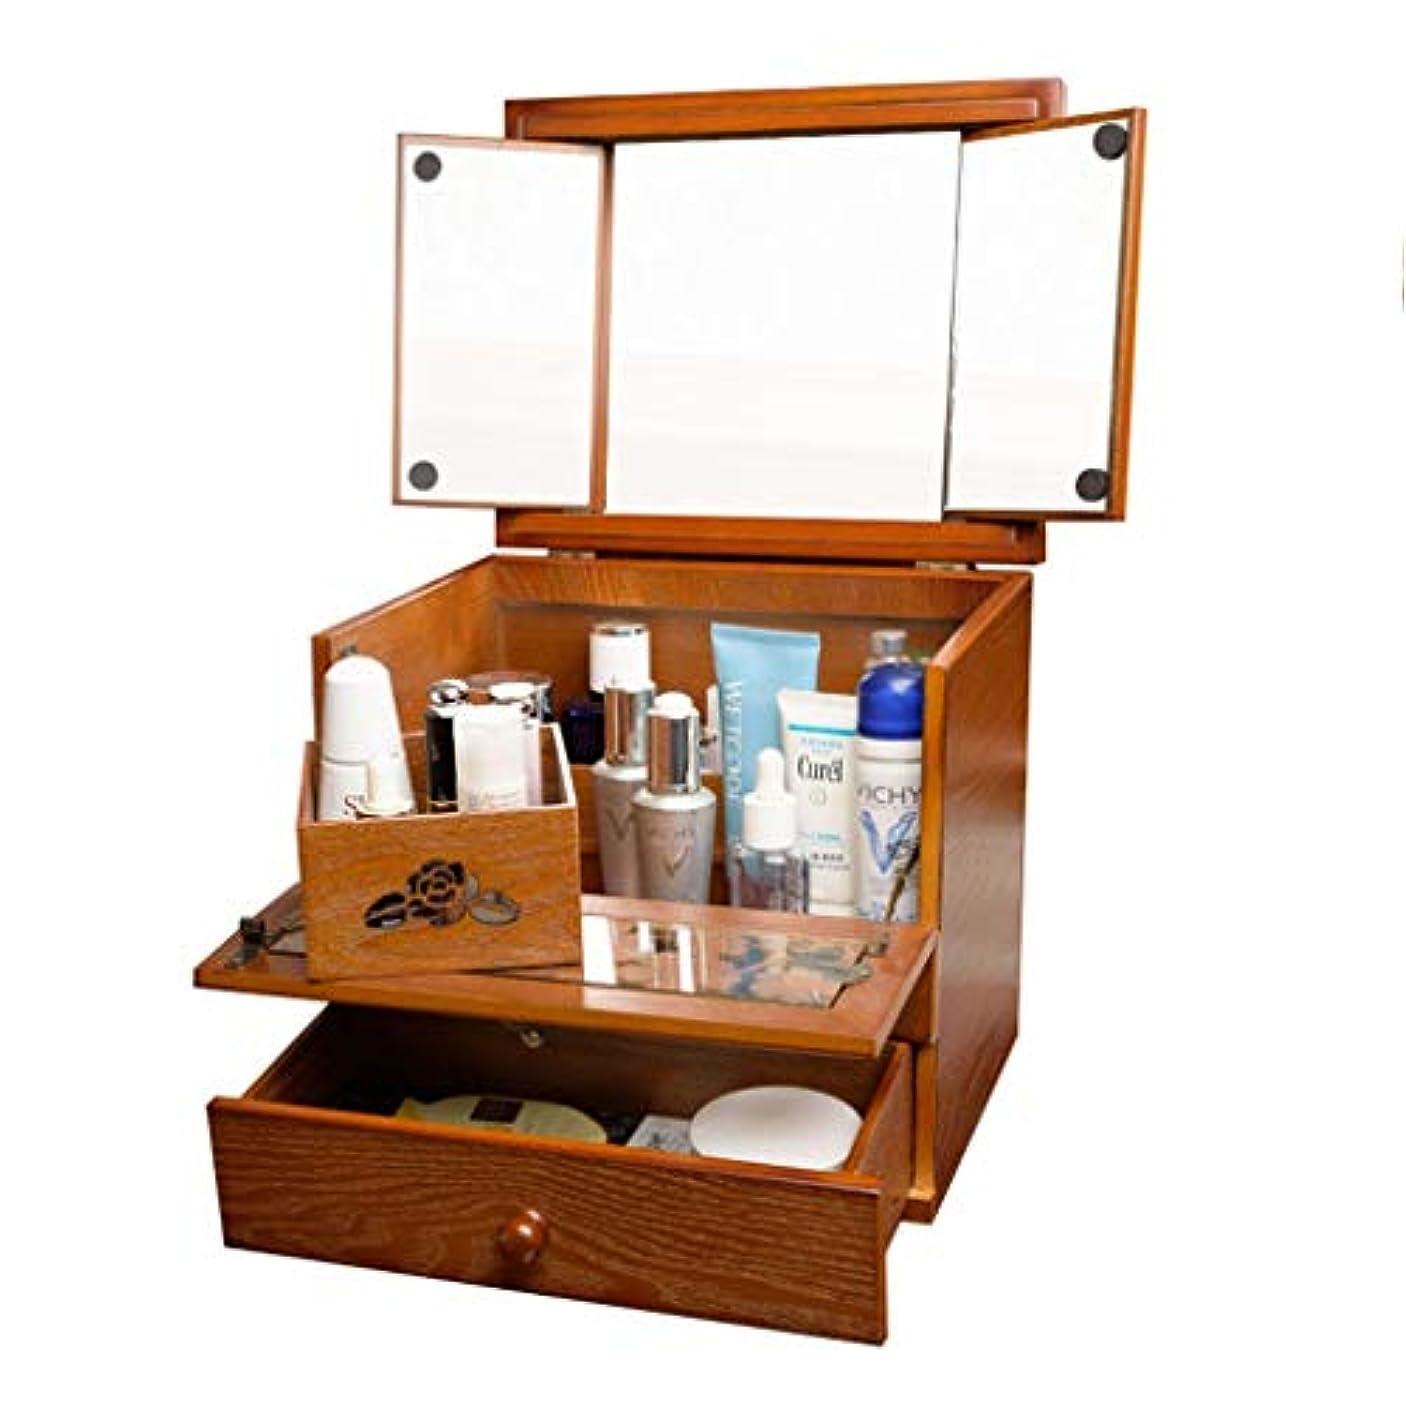 パーフェルビッドヘルパーテレビメイクボックス 家庭化粧品収納ボックス木製大容量化粧箱鏡付きの小さなドレッシングテーブル (Color : Brown, Size : 27.5x22.5x32.5cm)